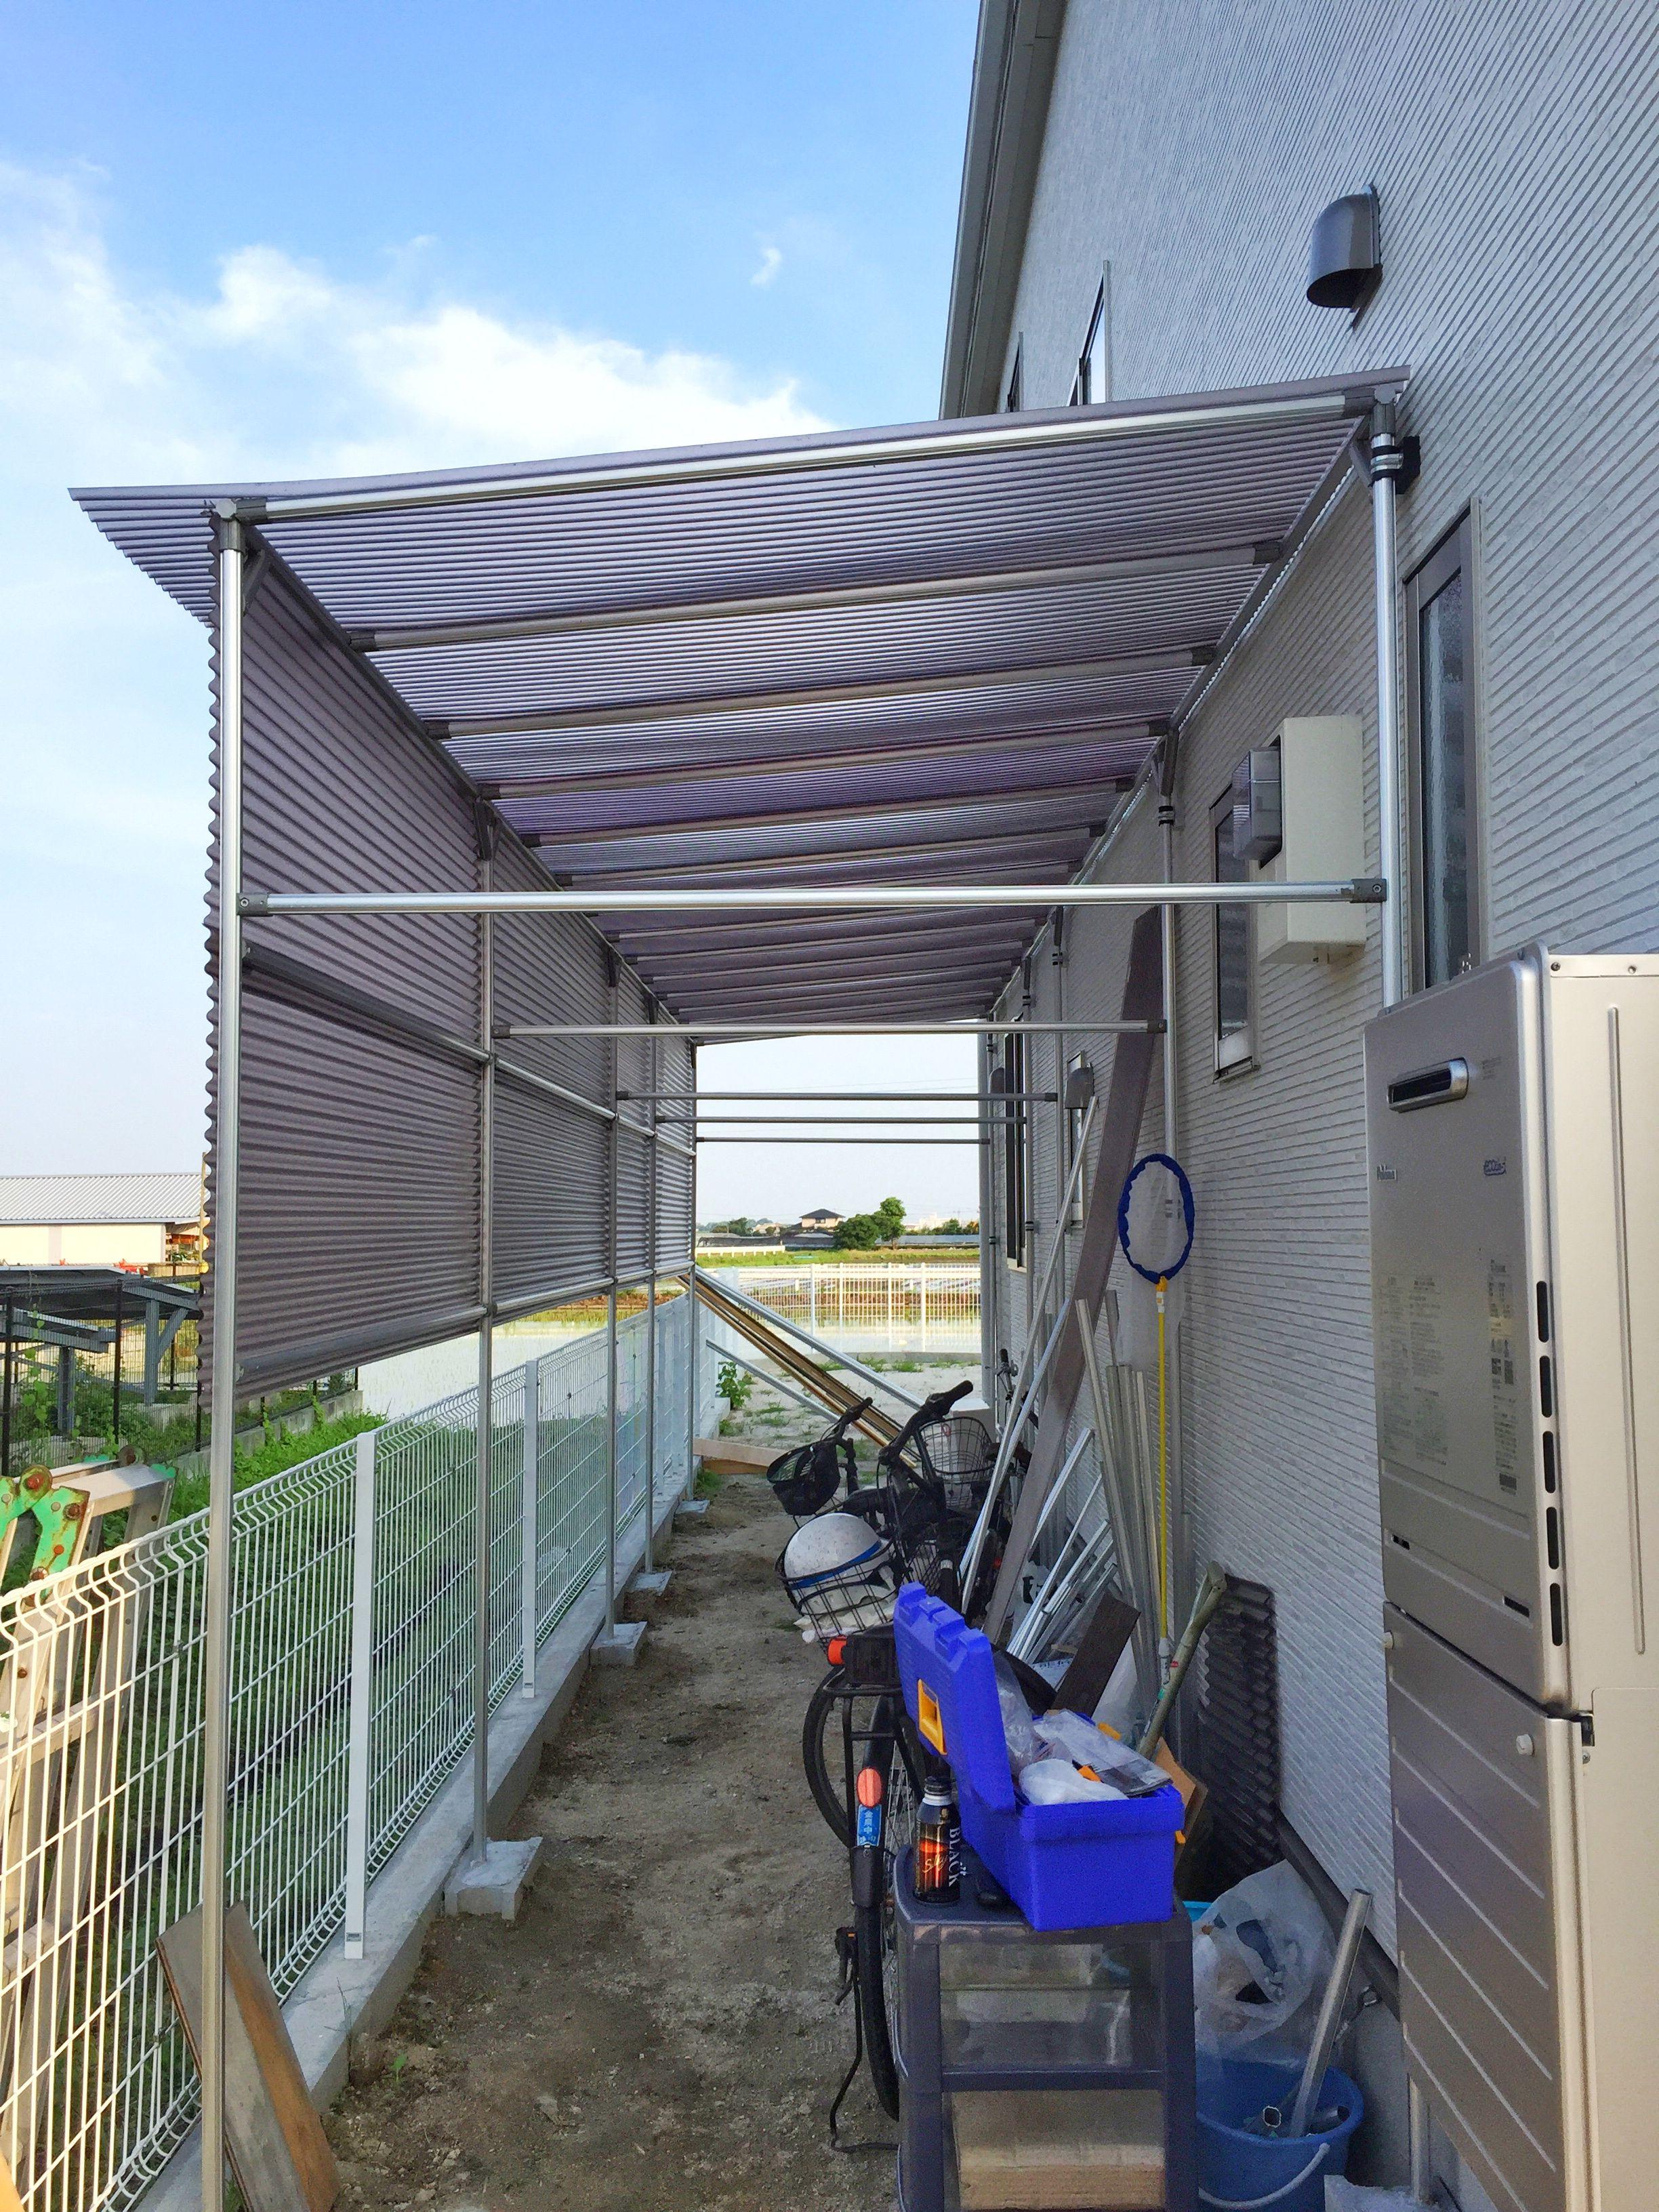 雨避け屋根がある自転車置き場を簡単diy 自転車置き場 自転車小屋